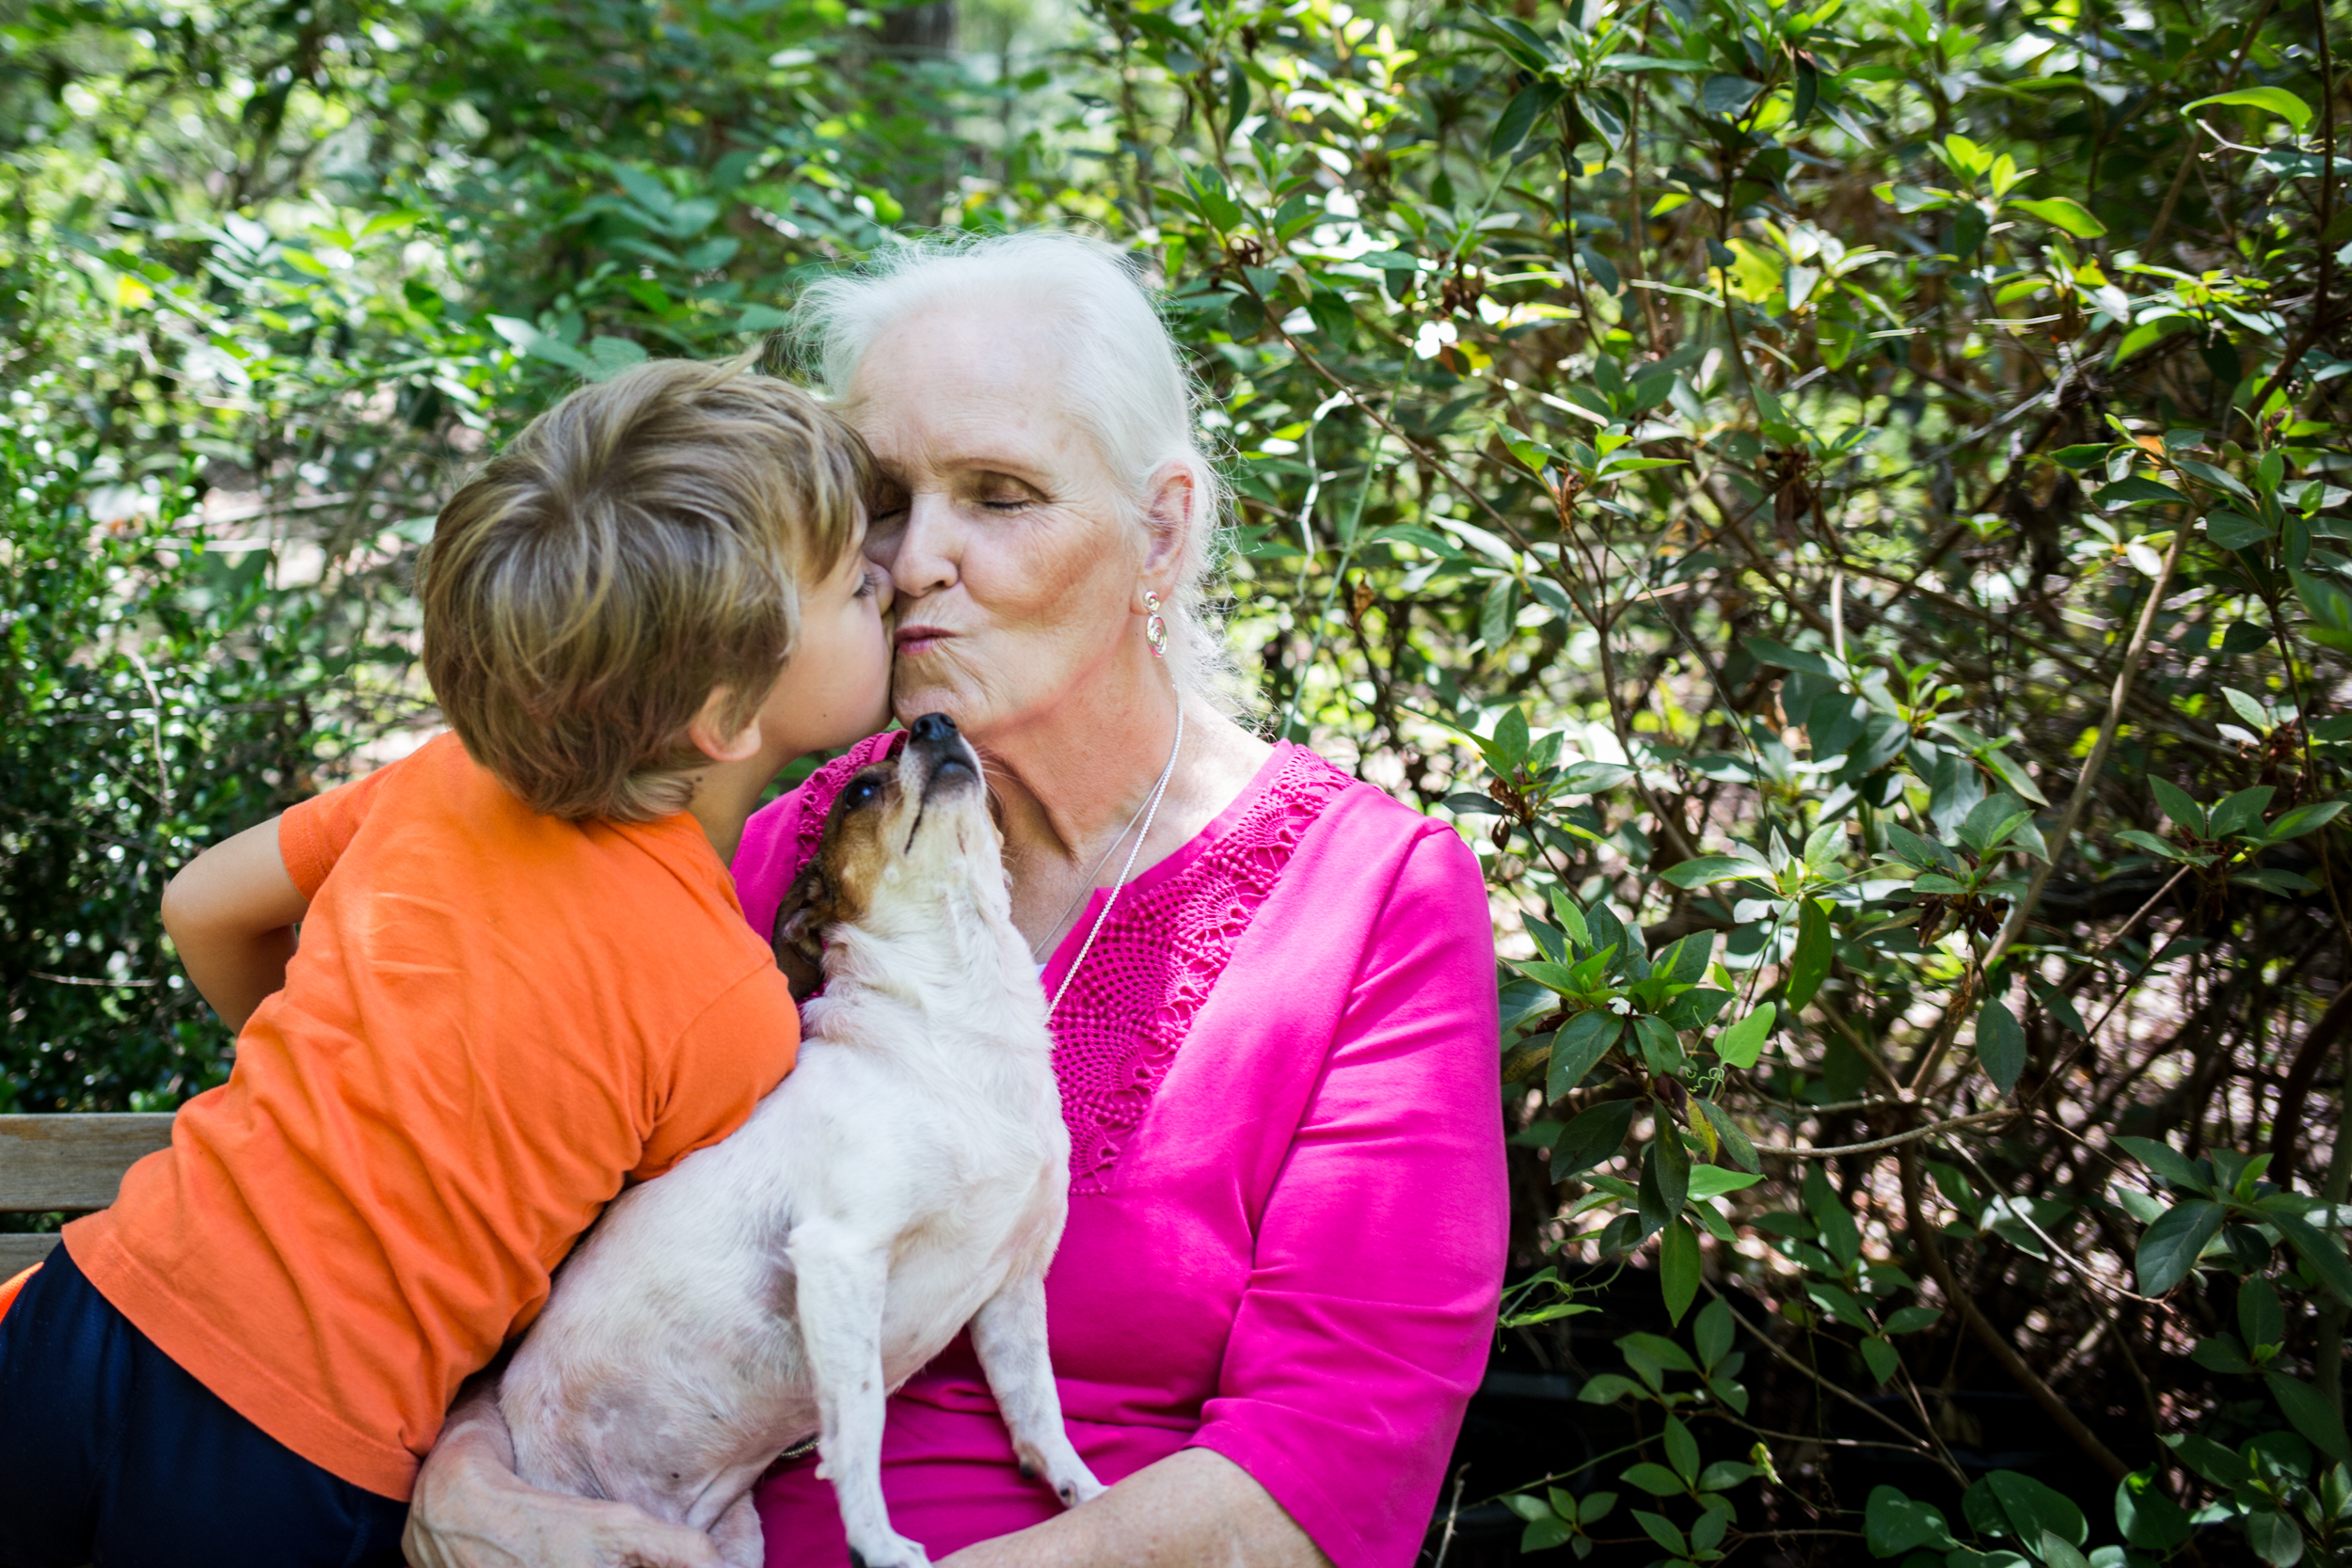 jacksonville-family-photographer-4.jpg